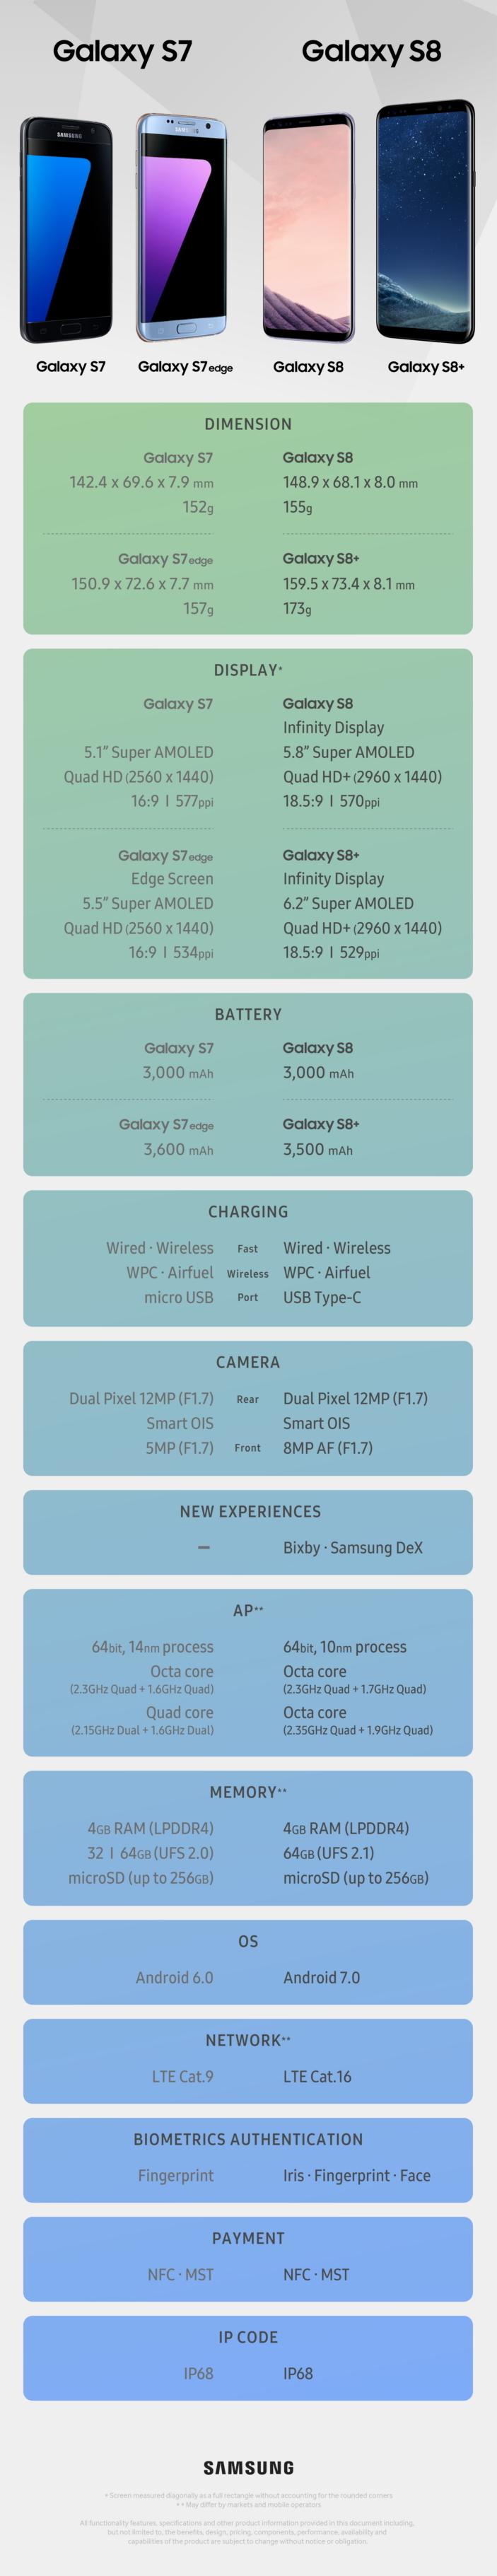 Samsung Galaxy S7 vs Samsung Galaxy S8